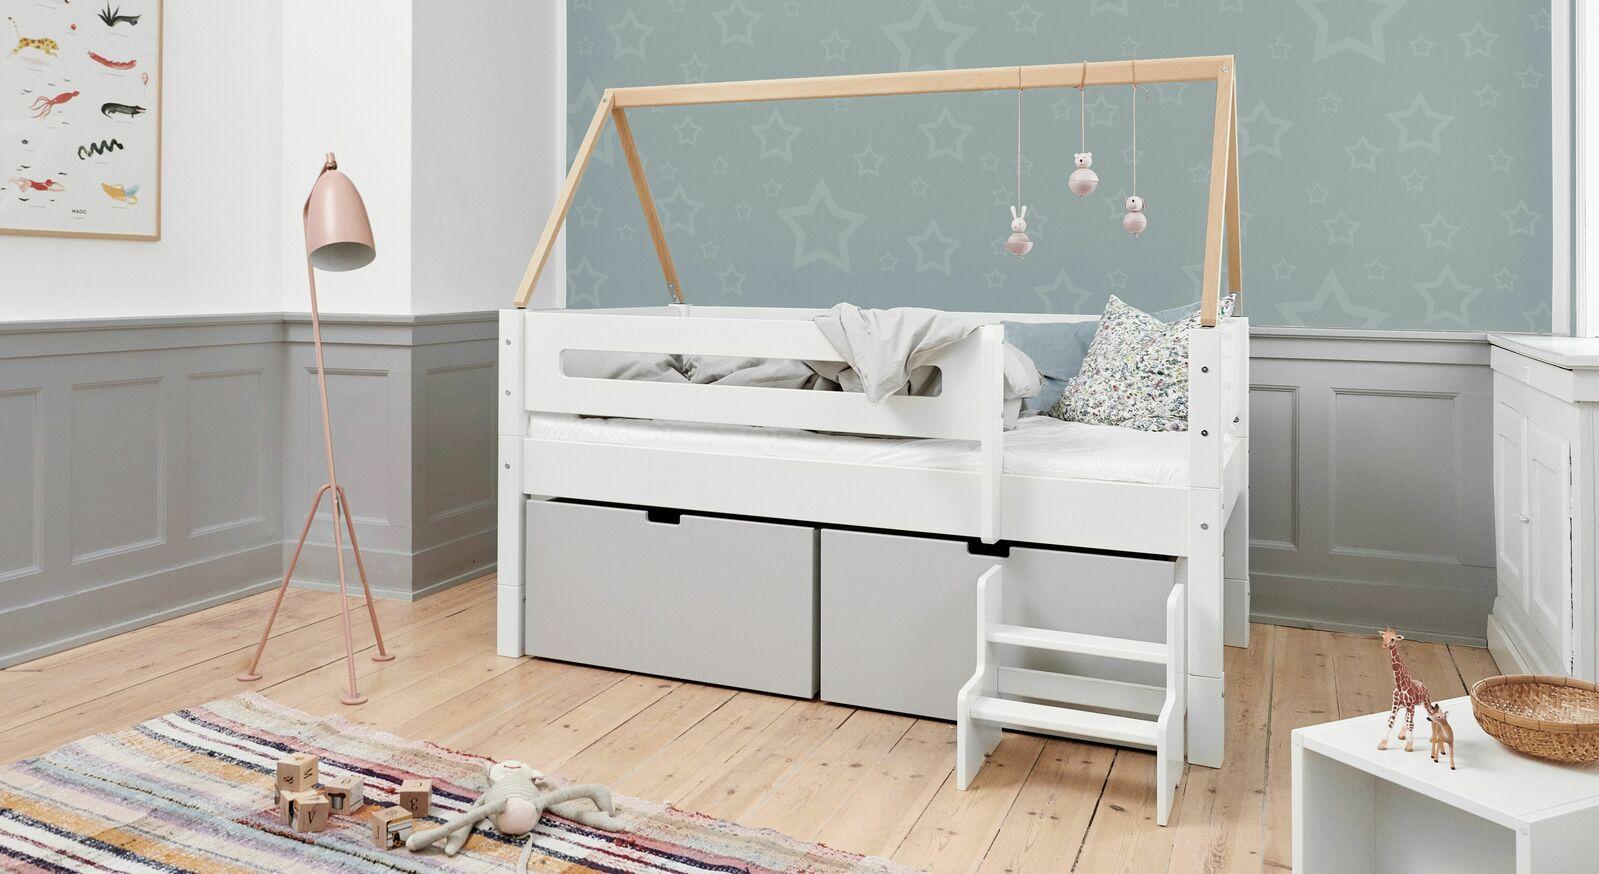 Teilmassives Kojen-Hausbett Kids Town in Weiß und Natur